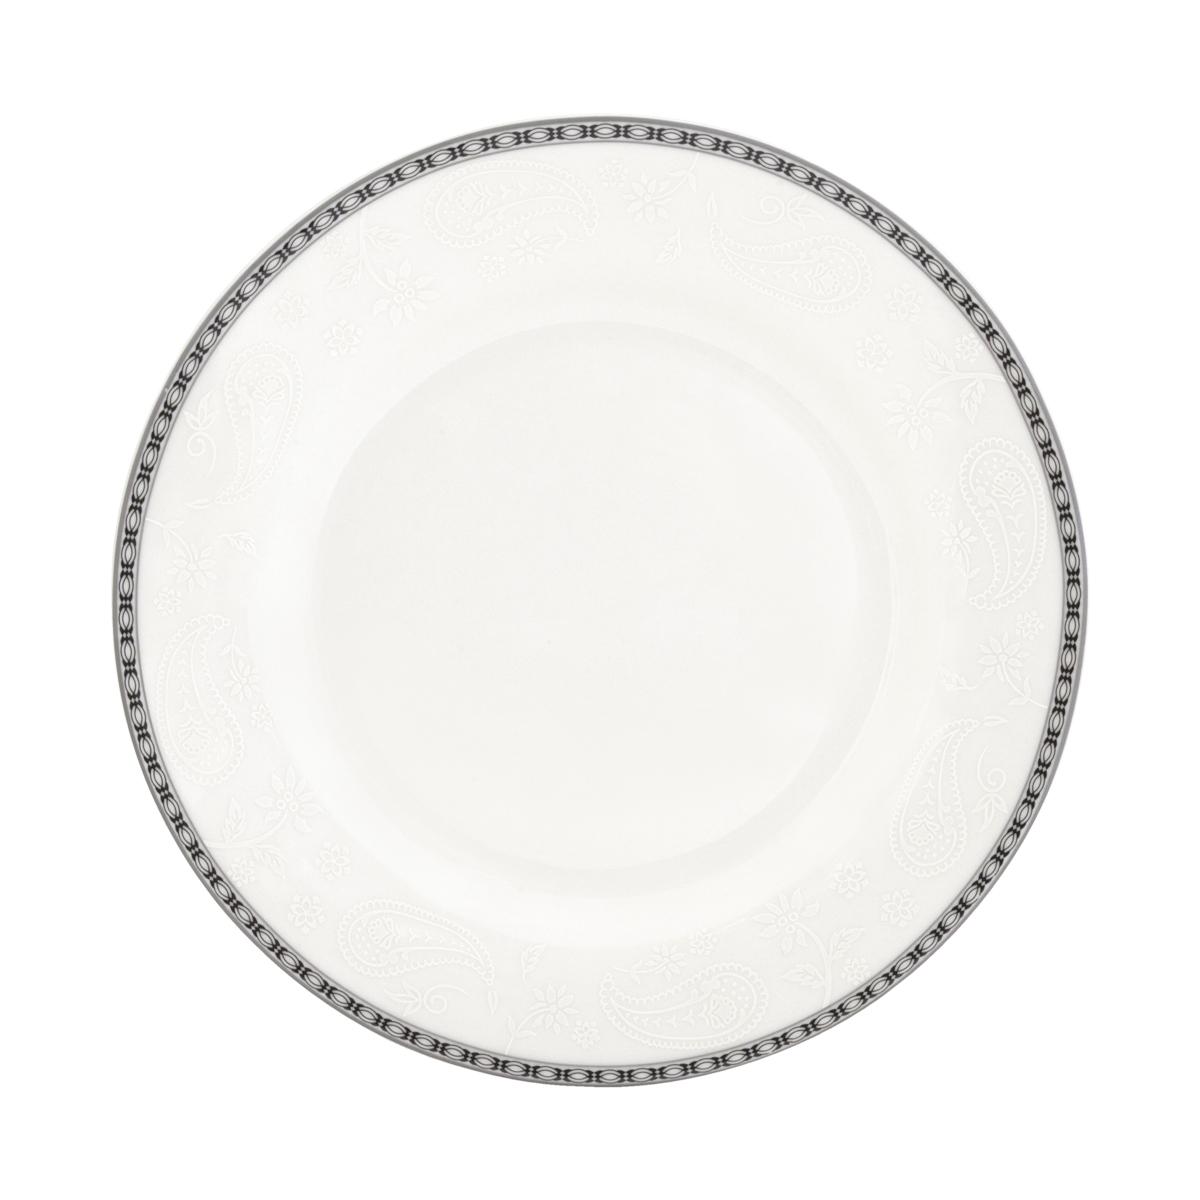 Набор суповых тарелок Esprado Arista White, диаметр 23 см, 6 шт. ARW023WE301ARW023WE301Набор Esprado Arista White состоит из шести суповых тарелок, декорированных изысканной каймой с орнаментом и тиснением с принтом пейсли. Посуда выполнена из костяного фарфора, основные составляющие которого костная зола и каолин. От содержания костной золы зависит белизна и прозрачность фарфора. В материале, который используется для создания посуды Esprado, его содержание от 48 до 50%. Родина костной золы, из которой производится посуда Esprado, Великобритания, славящаяся сырьем высокого качества. Каолин, белая глина на основе природного минерала, поступает из Новой Зеландии, одного из наиболее экологически чистых регионов мира. Такое сочетание обеспечивает высокое качество материала и безупречный оттенок слоновой кости. Экологическая глазурь из Японии, высоко ценящаяся во всем мире, которой покрывается готовое изделие, позволяет добиться идеально ровного цвета и кристального блеска. В костяном фарфоре отсутствуют примеси кадмия и свинца, а...